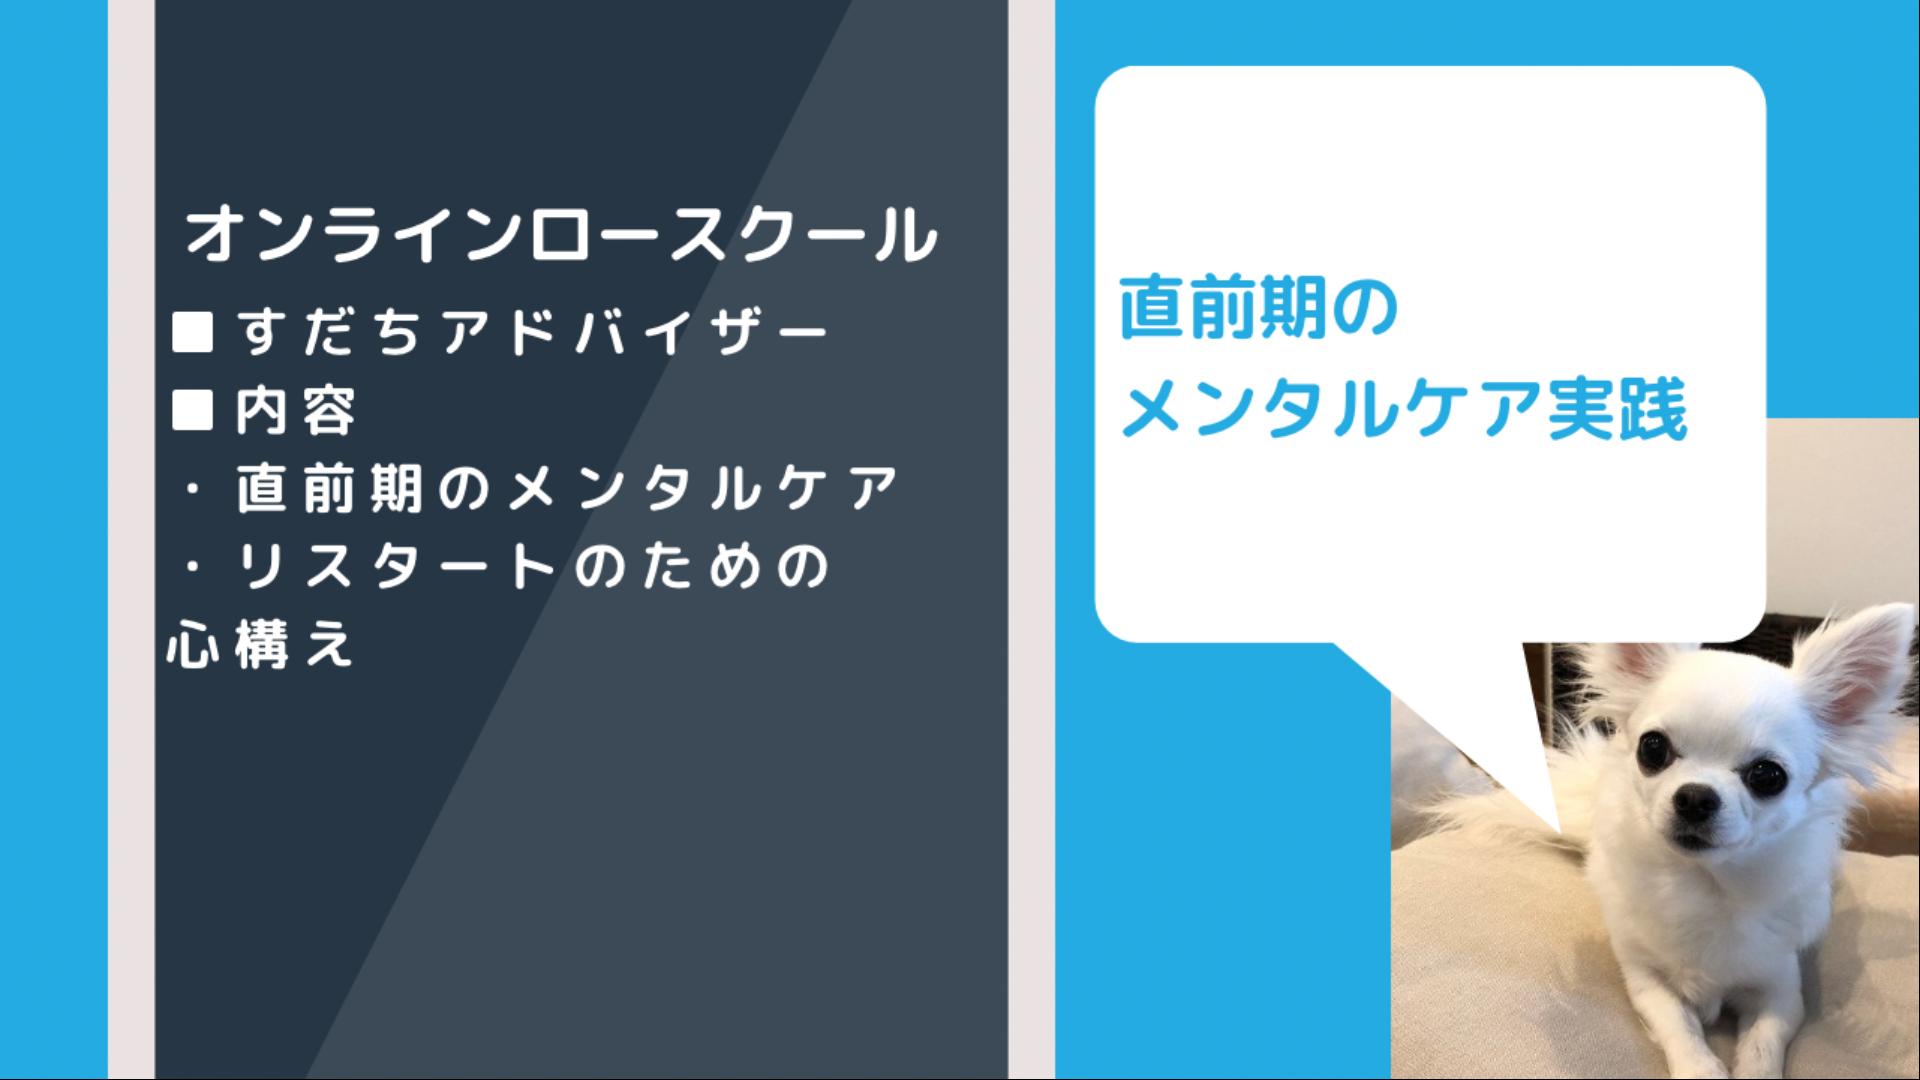 直前期〜試験後のメンタルケア(すだちアドバイザー)[40分]